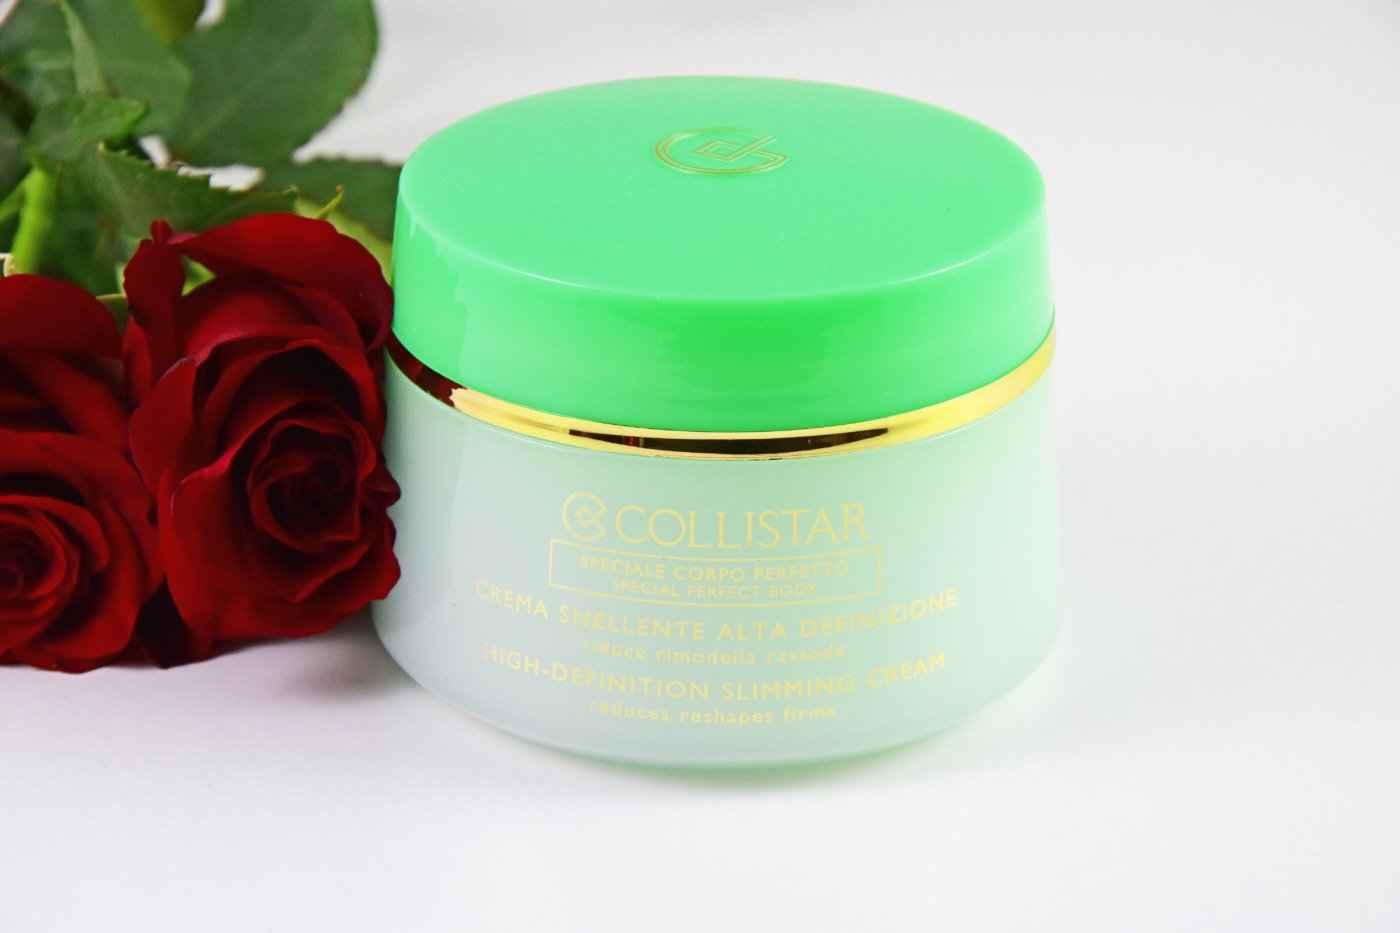 Collistar - High-Definition Slimming Cream